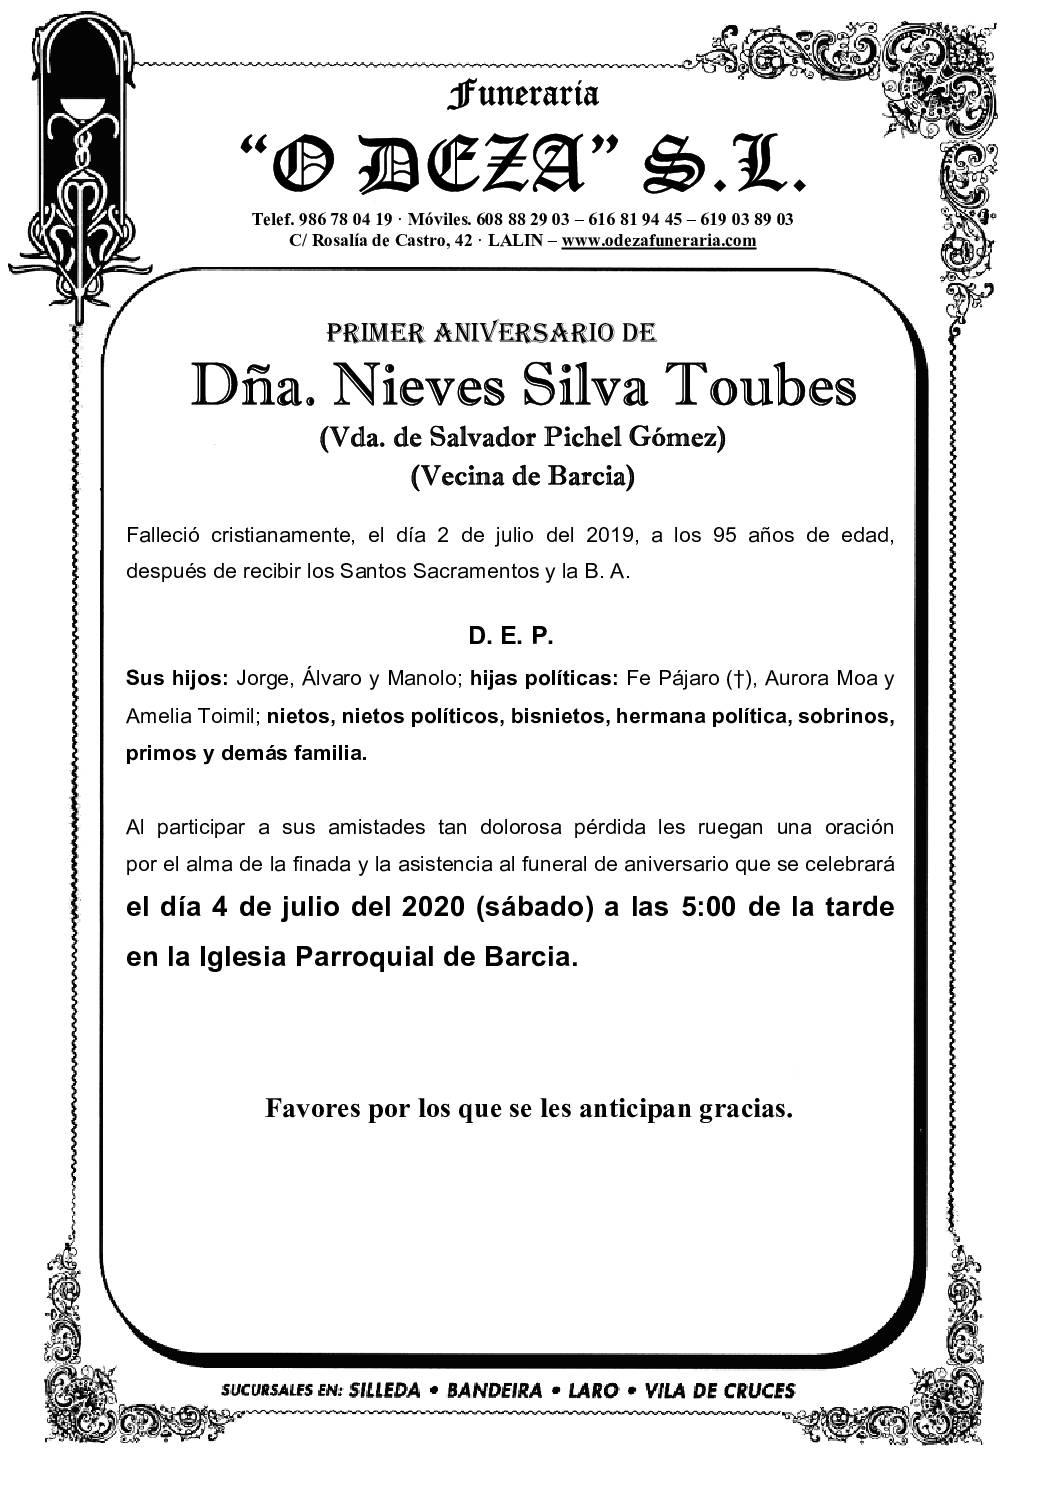 DÑA. NIEVES SILVA TOUBES